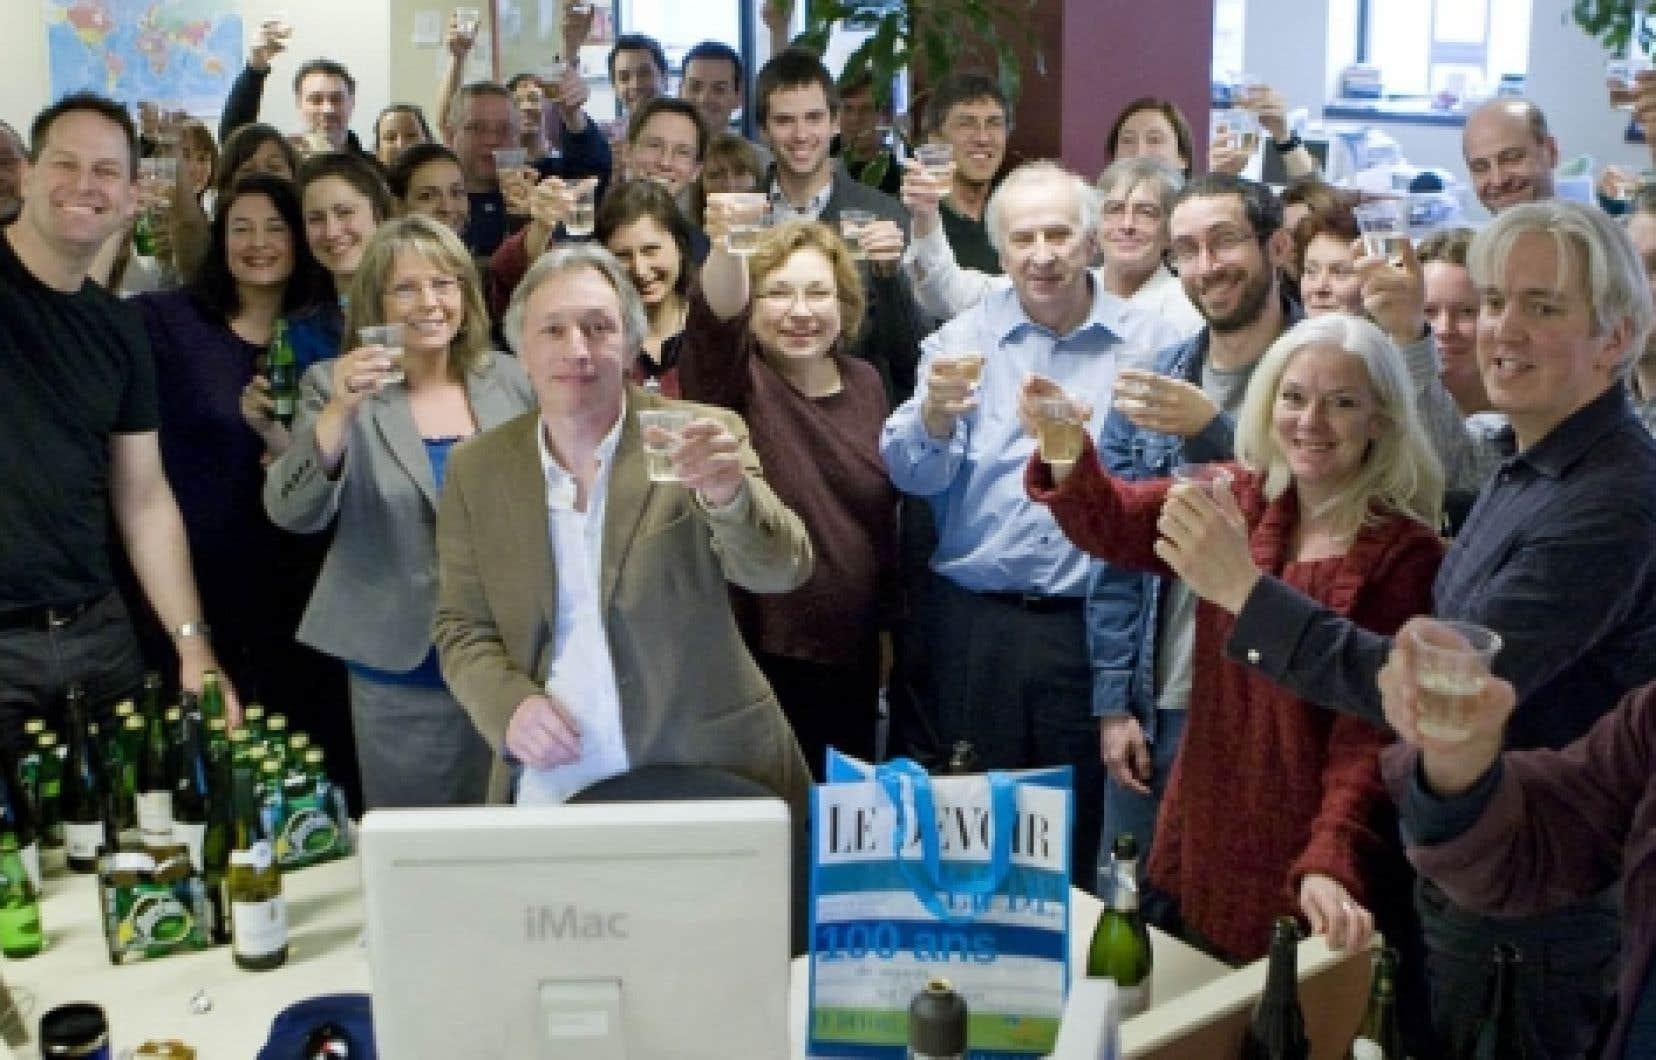 Le directeur du Devoir, Bernard Descôteaux, a lancé les festivités du centième anniversaire du quotidien de la rue de Bleury hier, en trinquant avec toute son équipe, avant les célébrations officielles du 10 janvier.